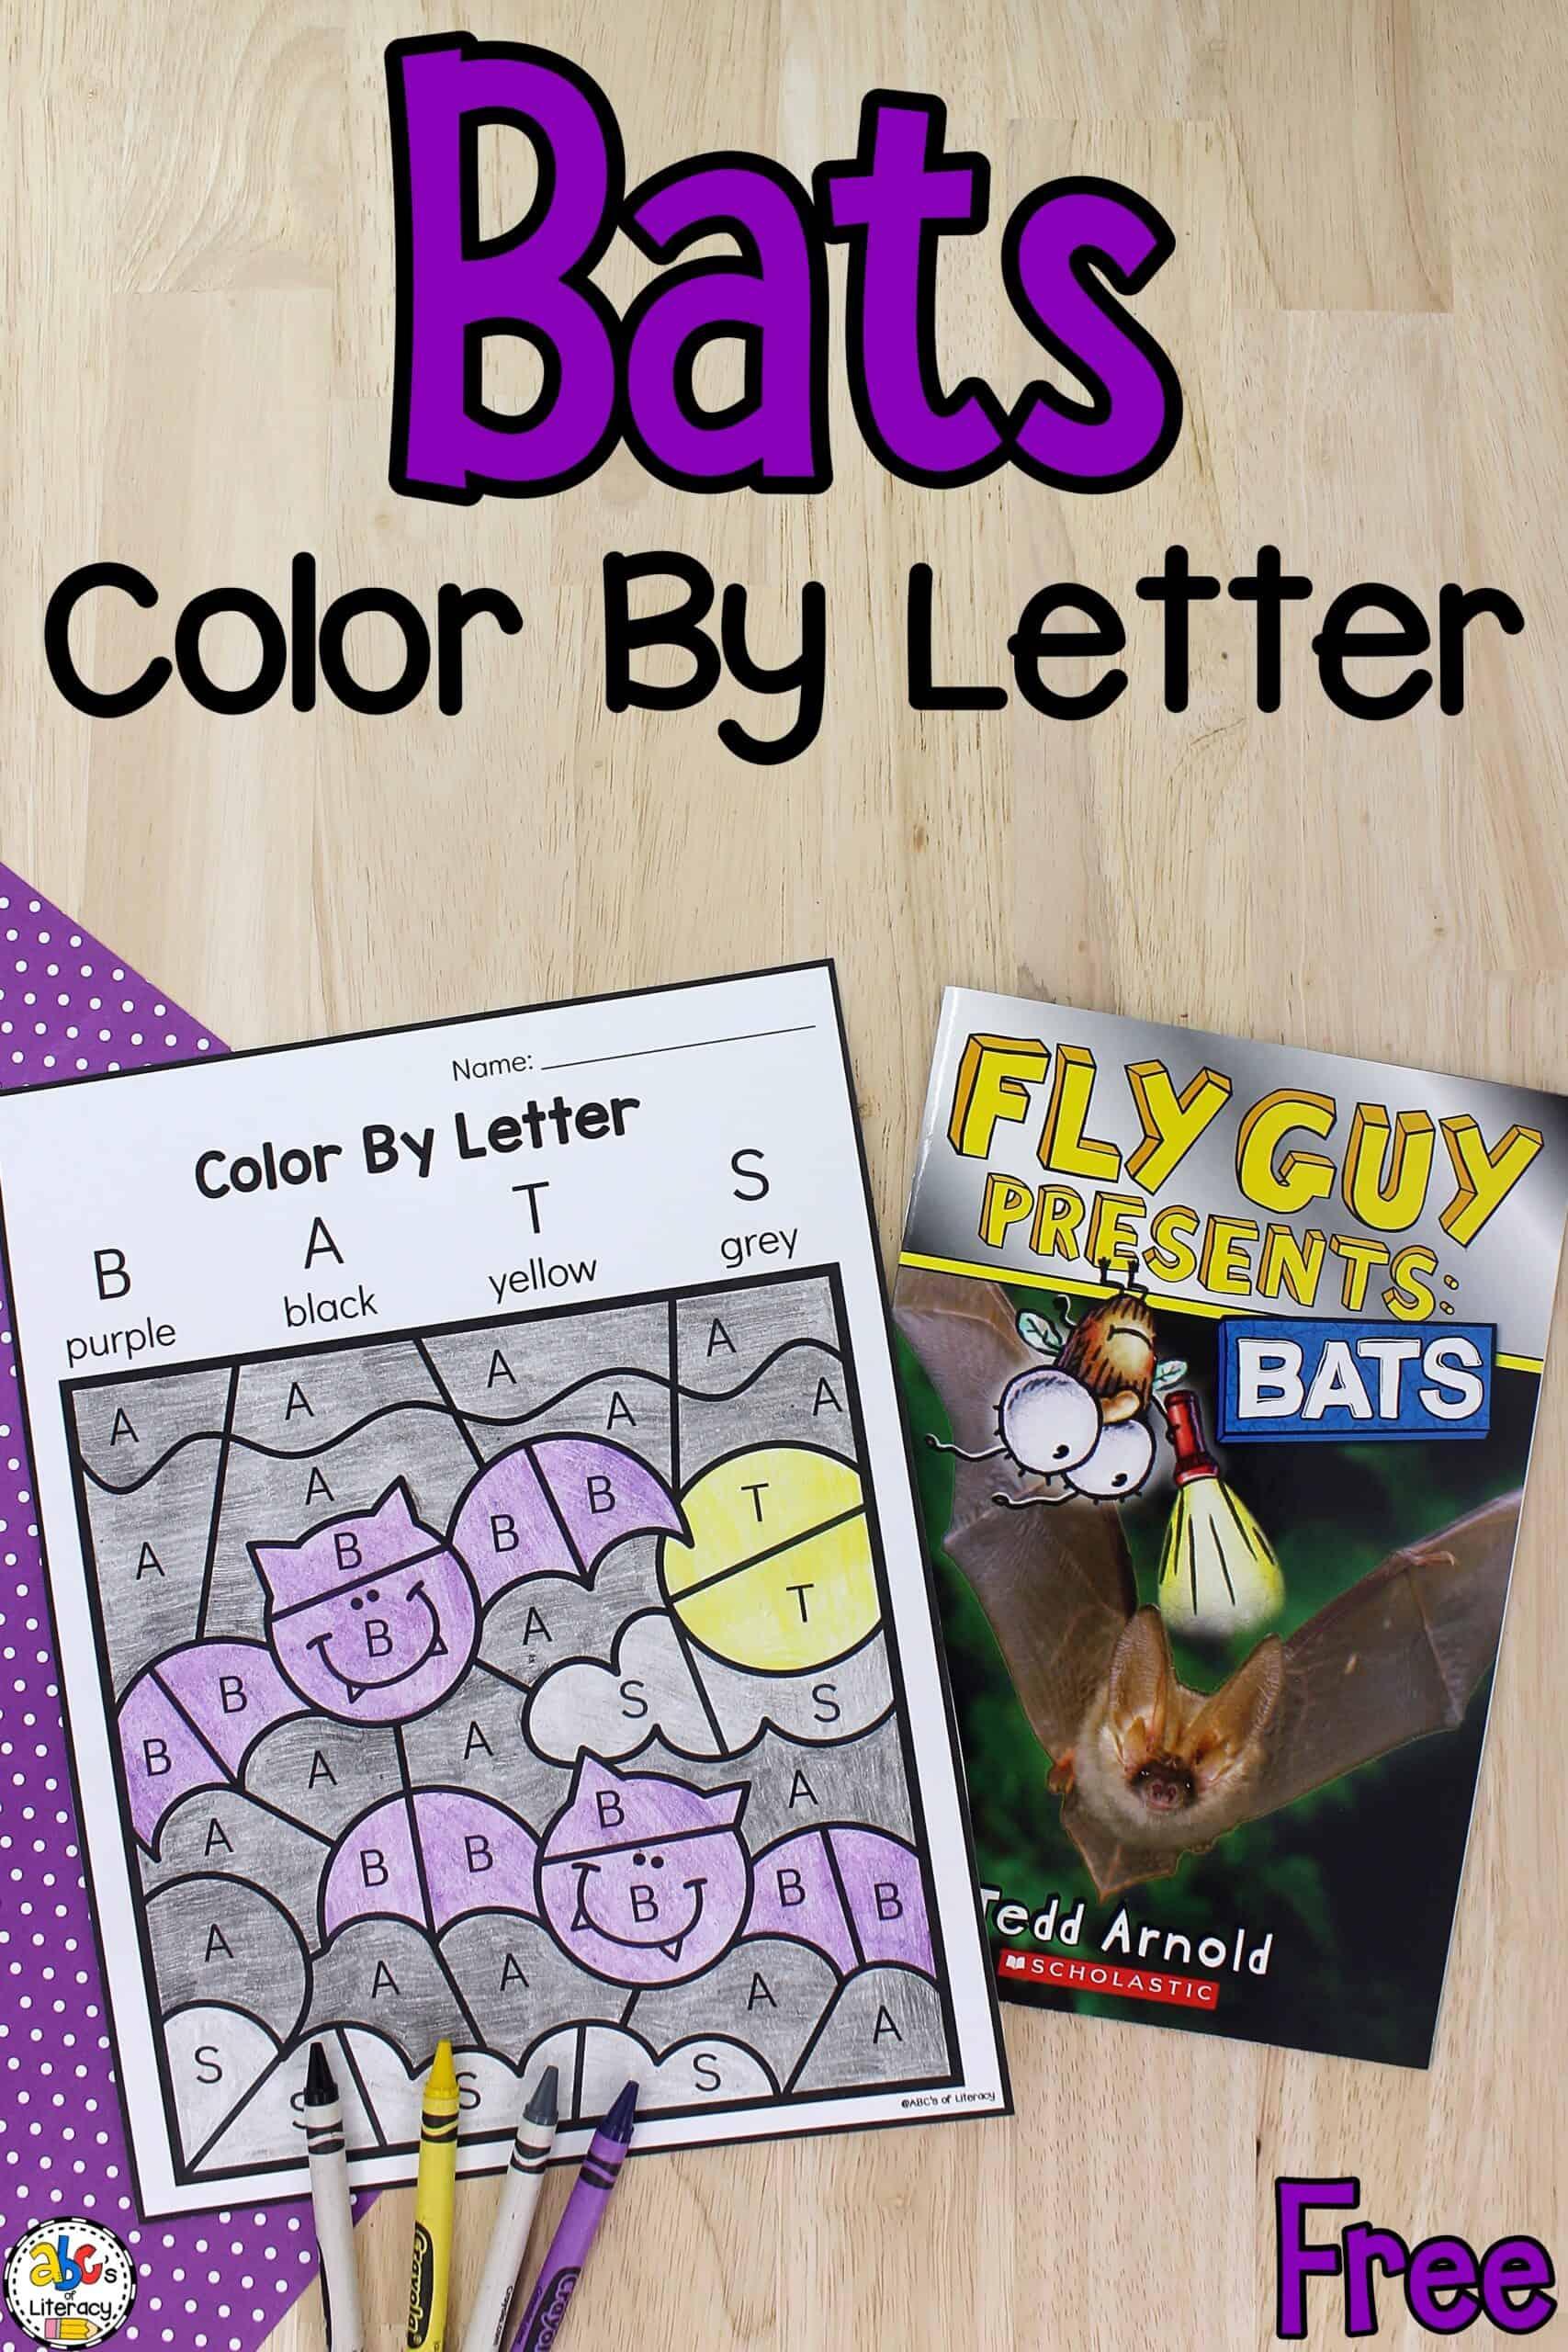 Bats Color By Letter Worksheet